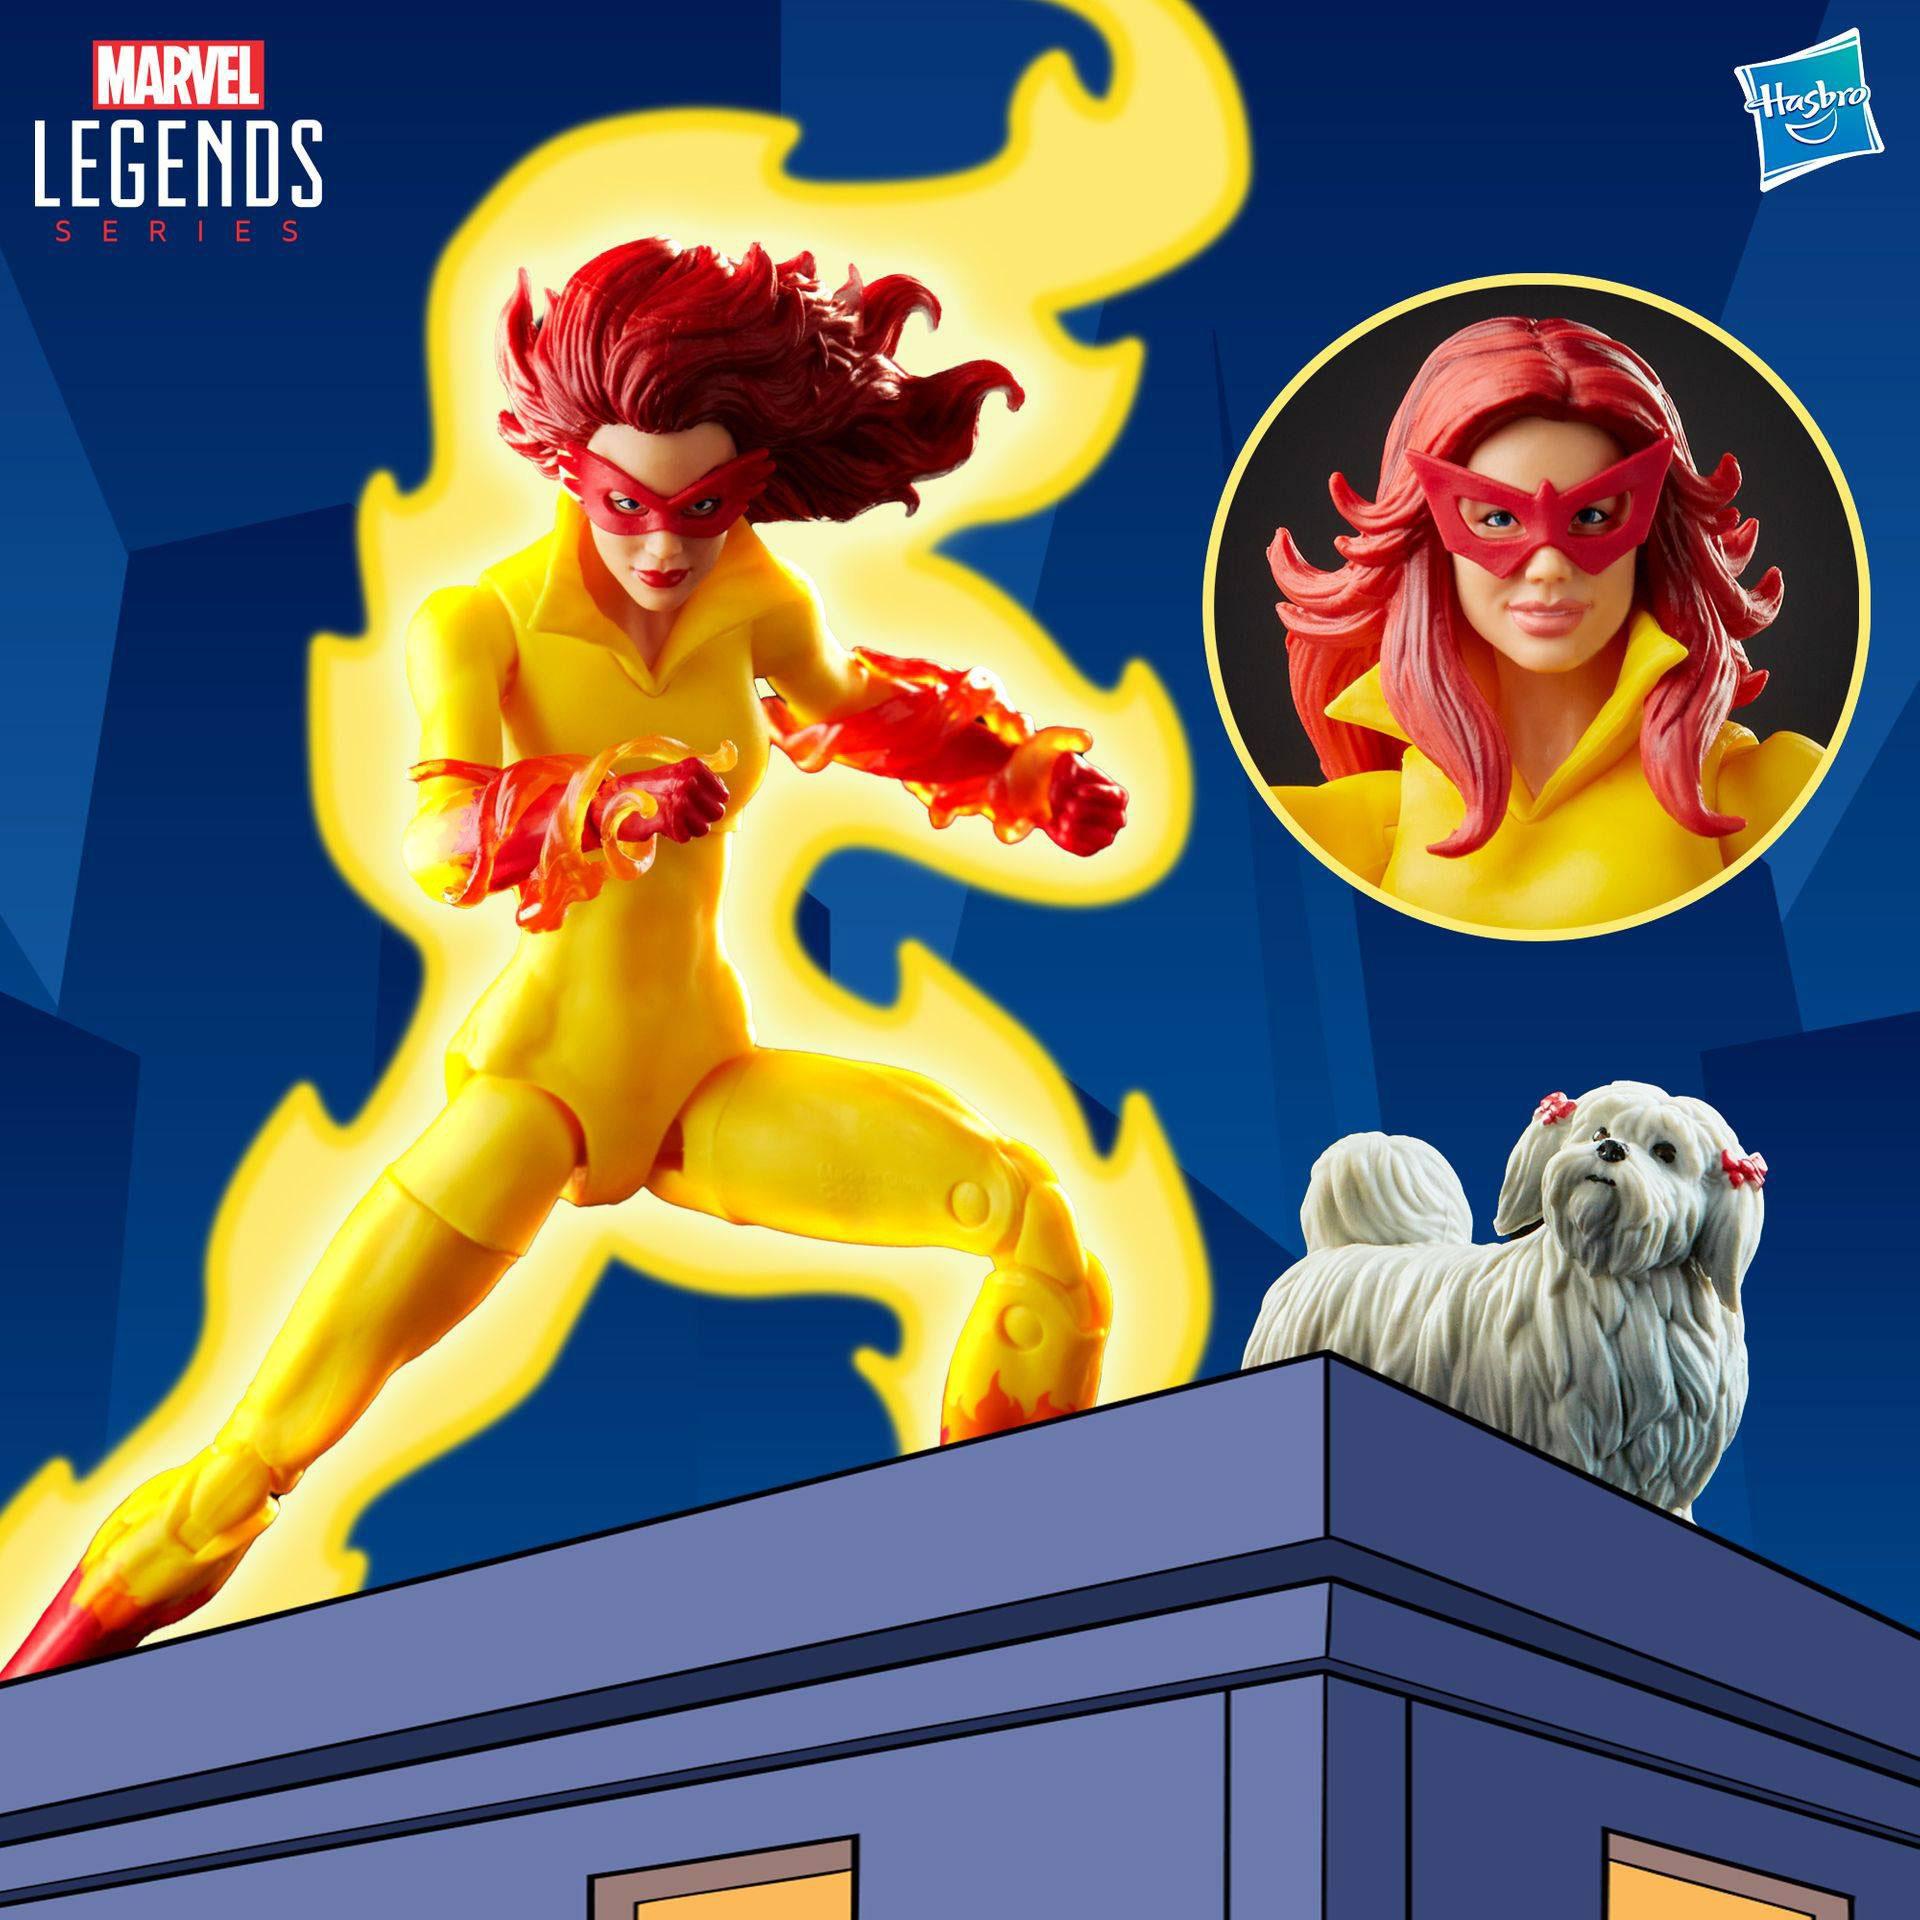 marvel-legends-firestar-action-figure-preorder